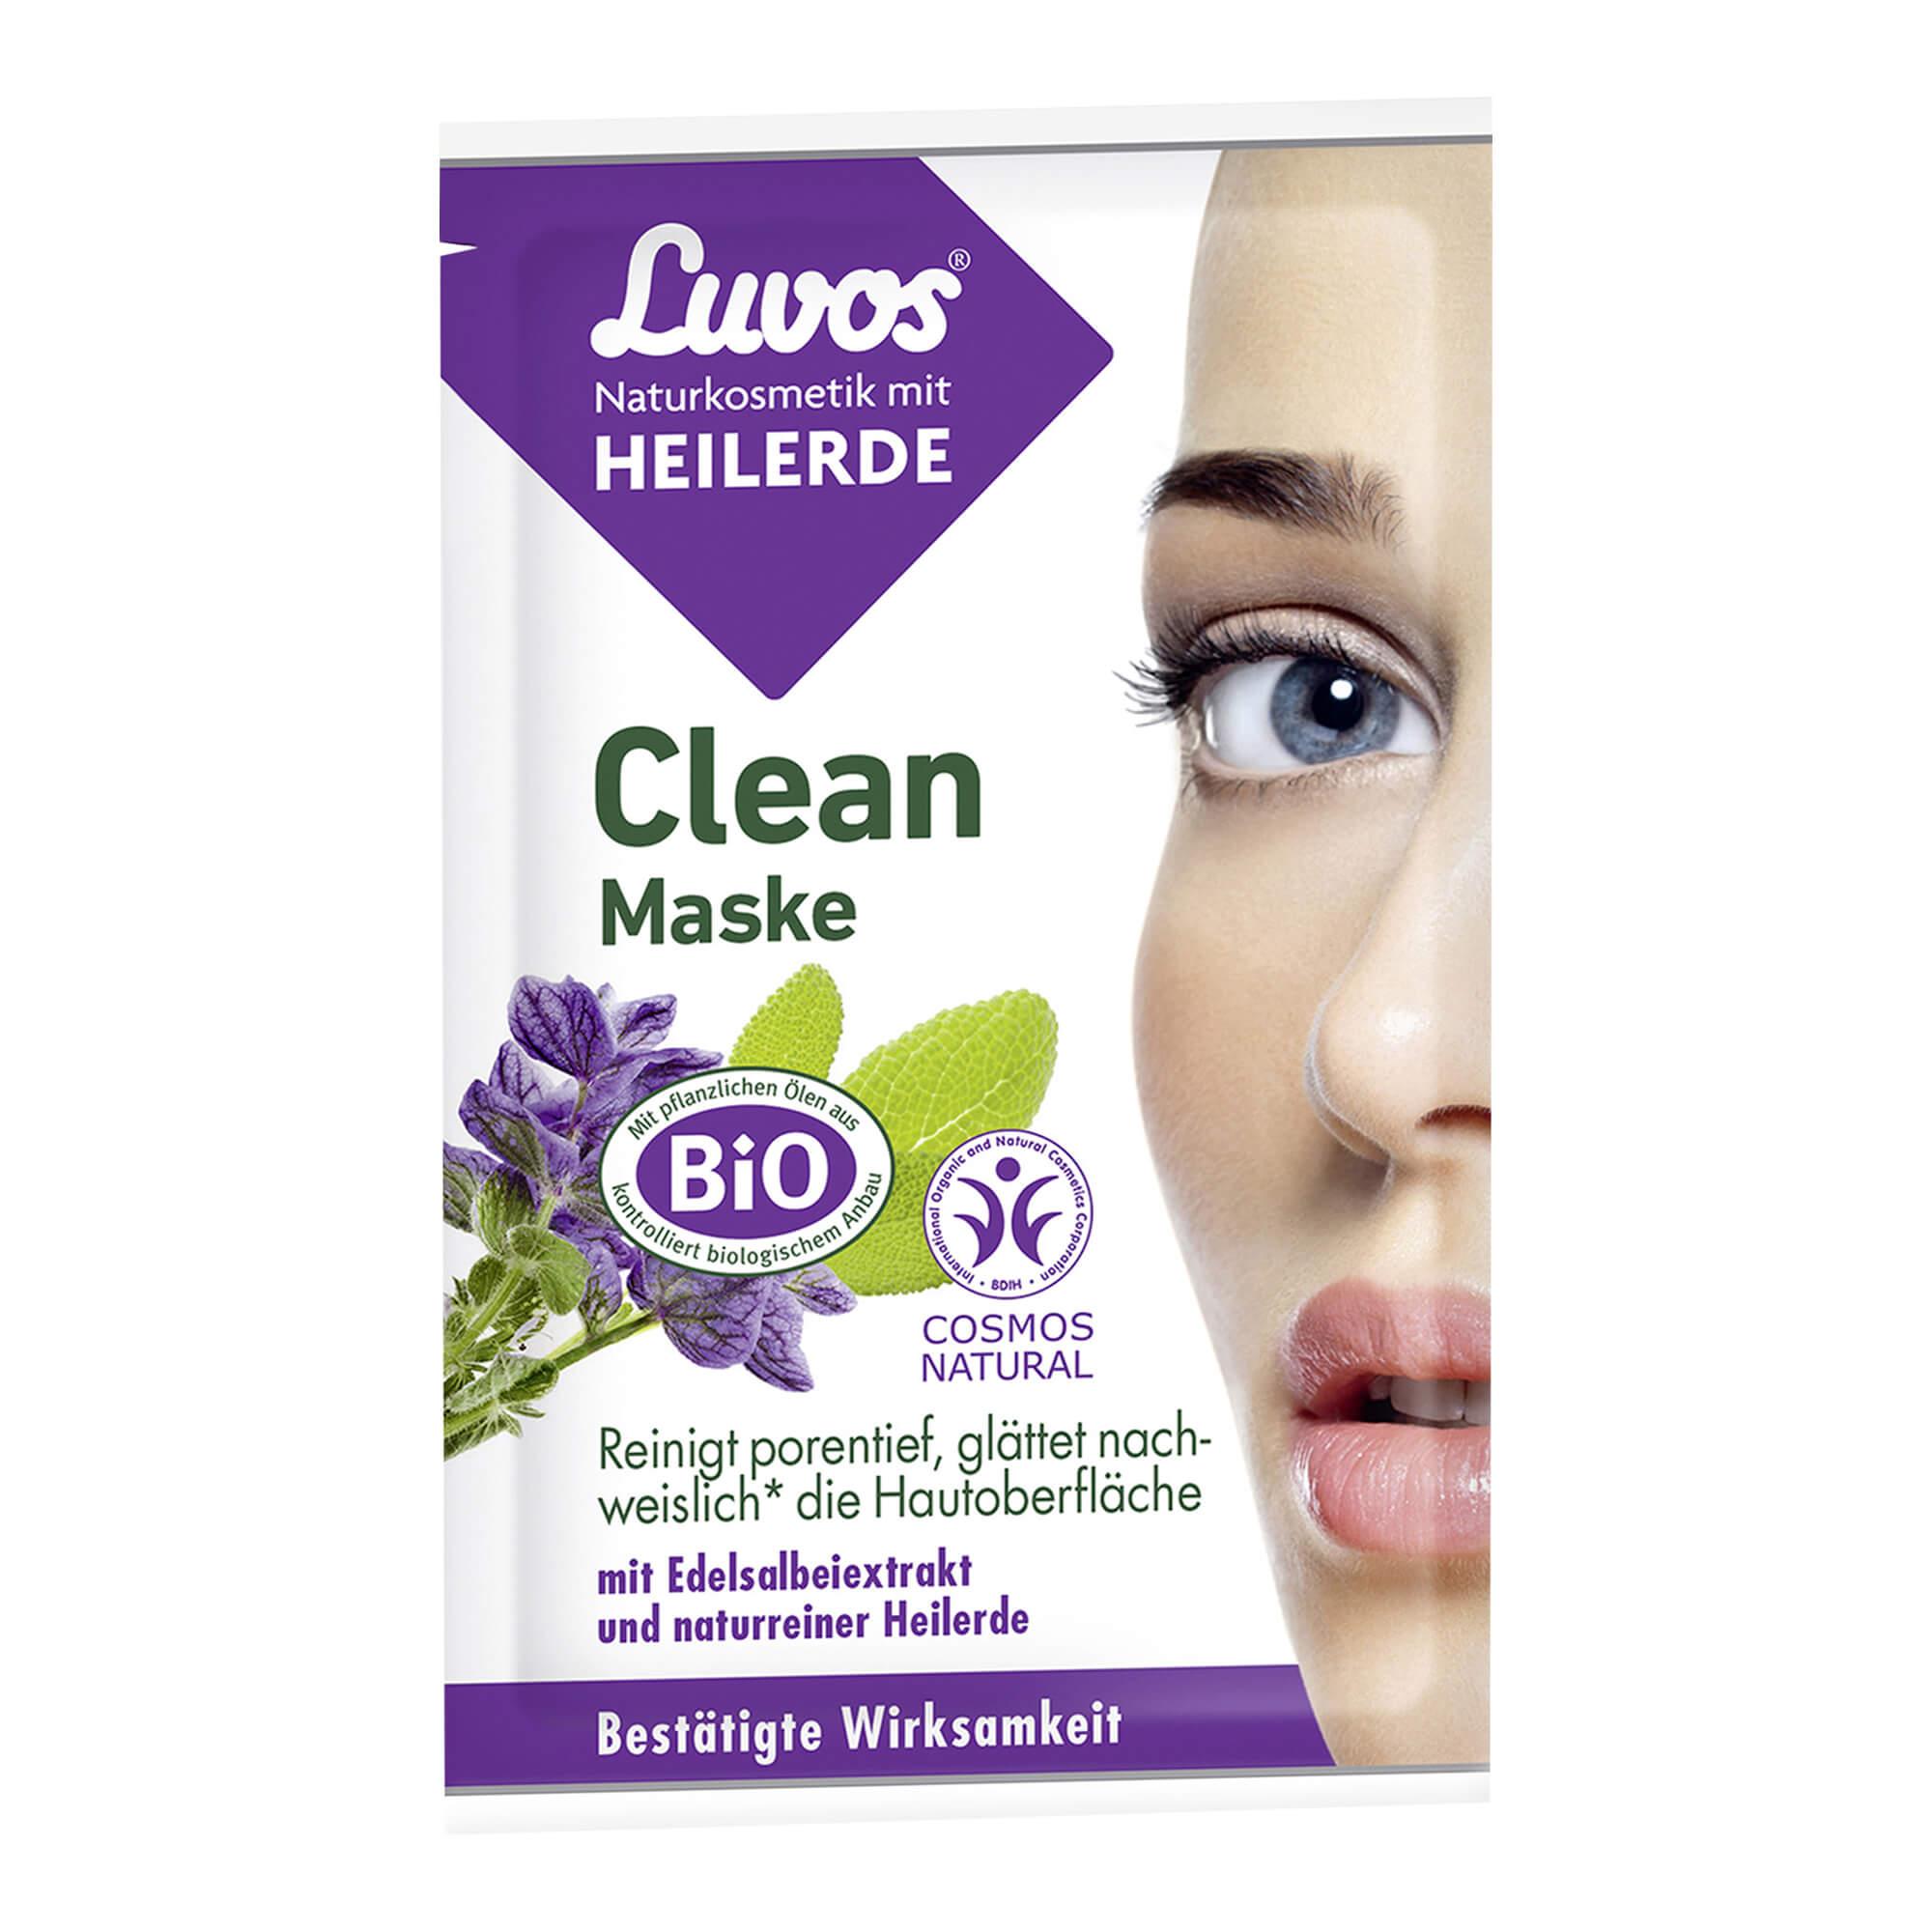 Luvos Heilerde Clean Maske